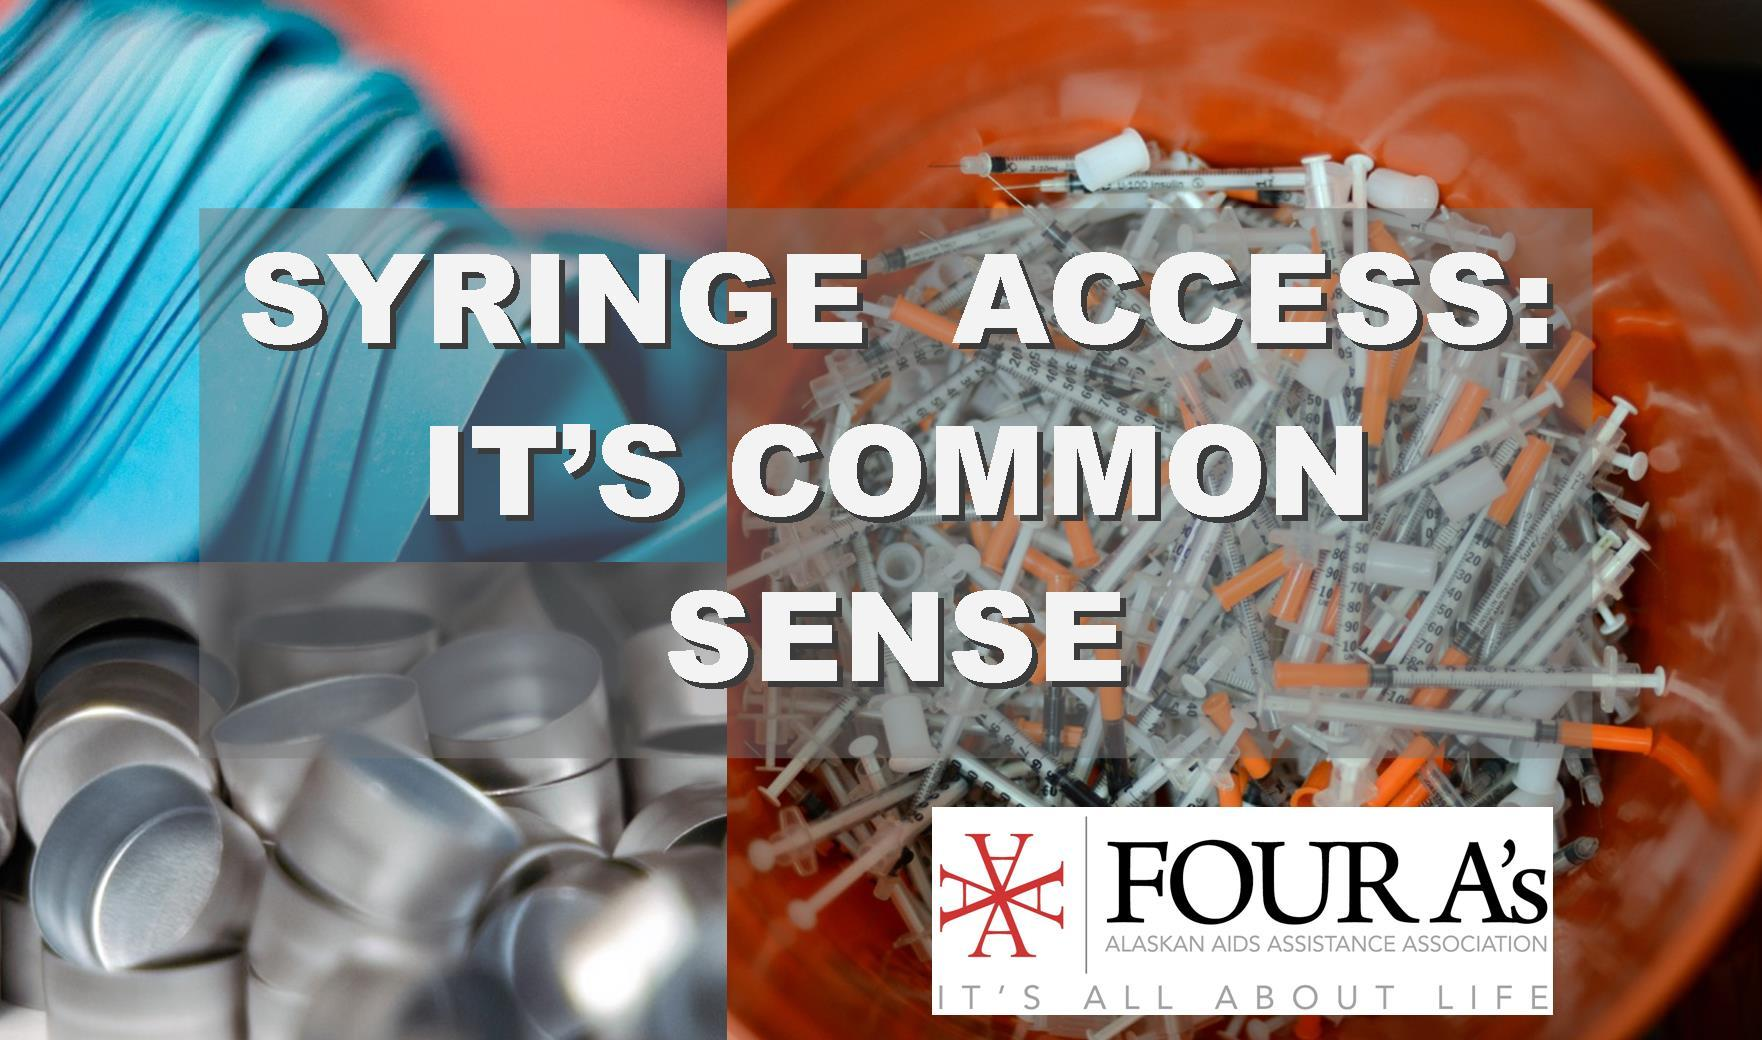 syringe access